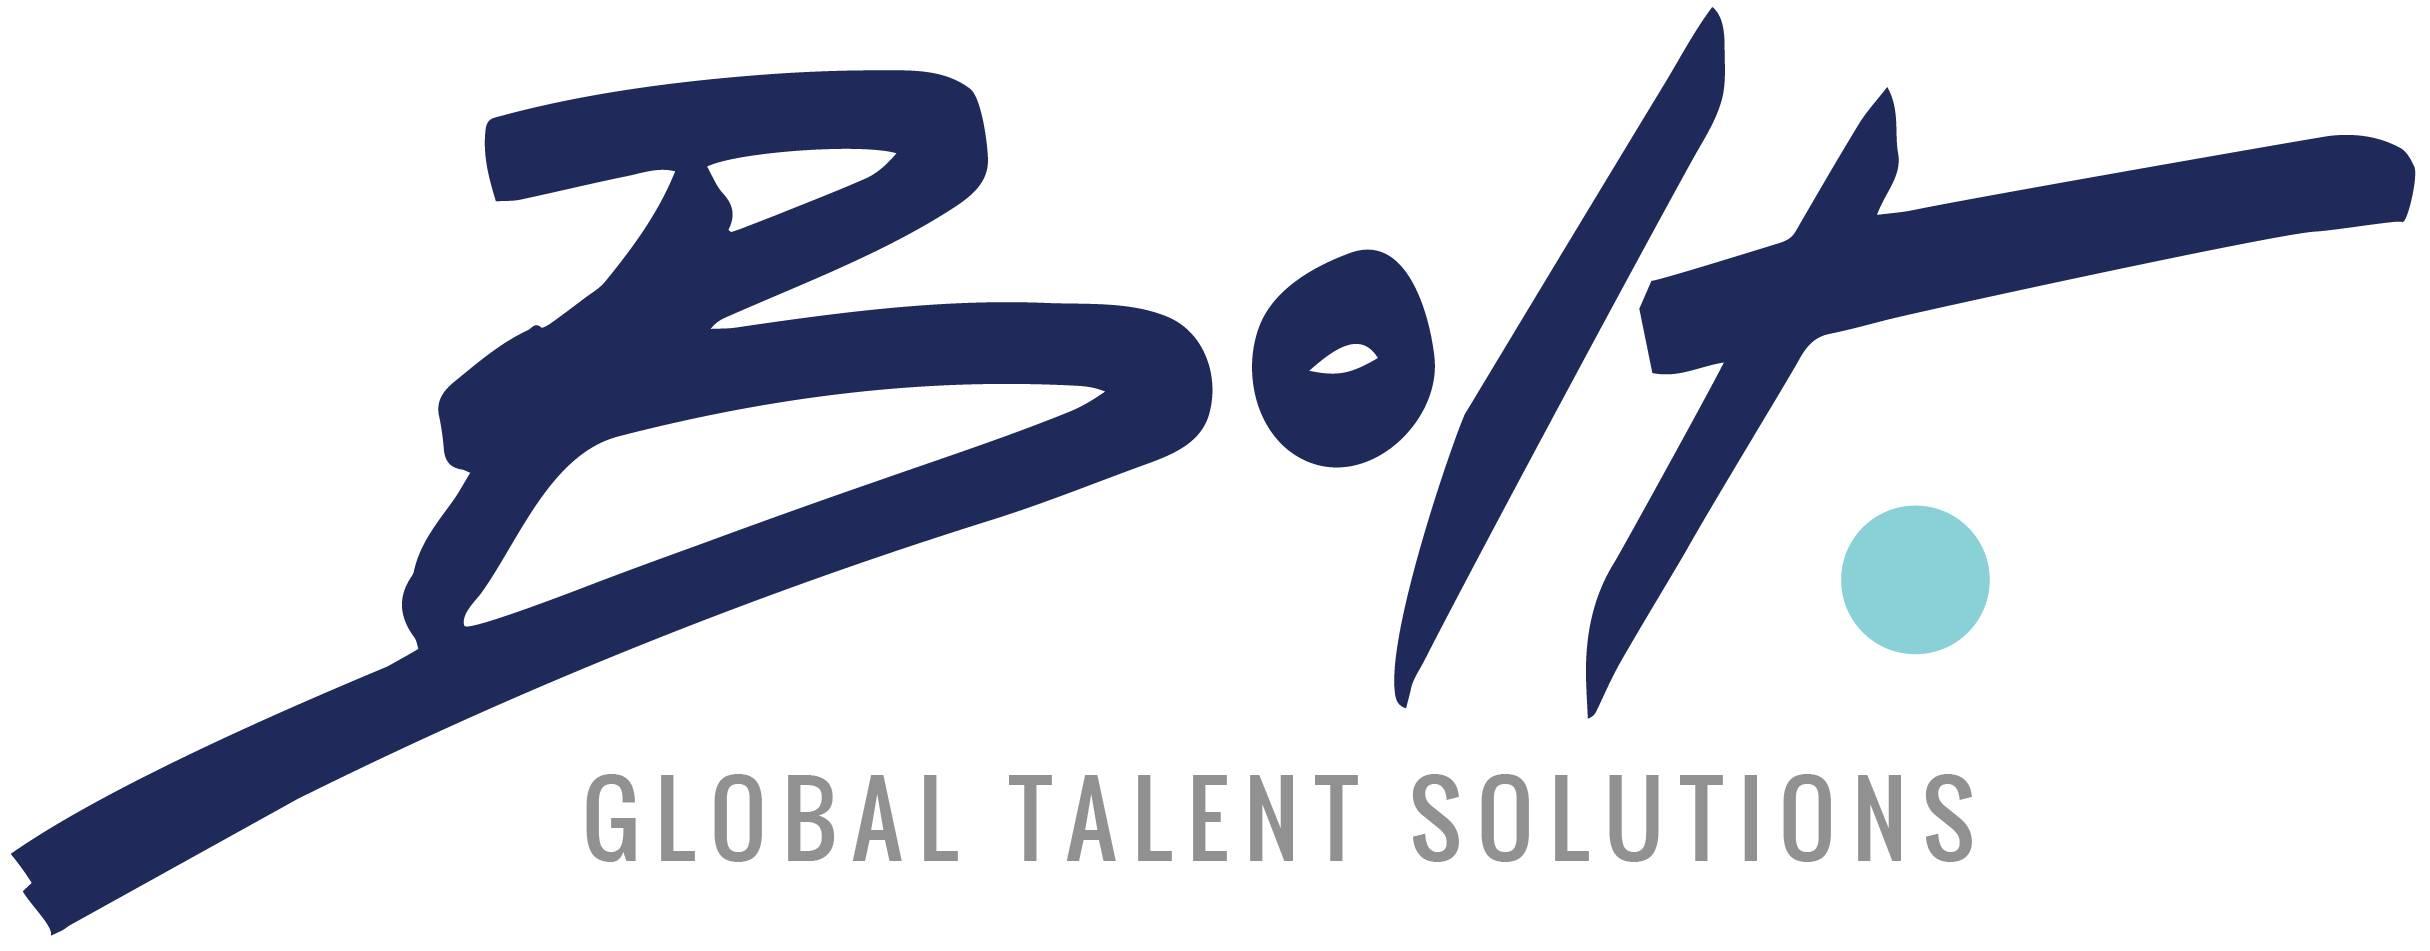 Bolt Talent Solutions Logo